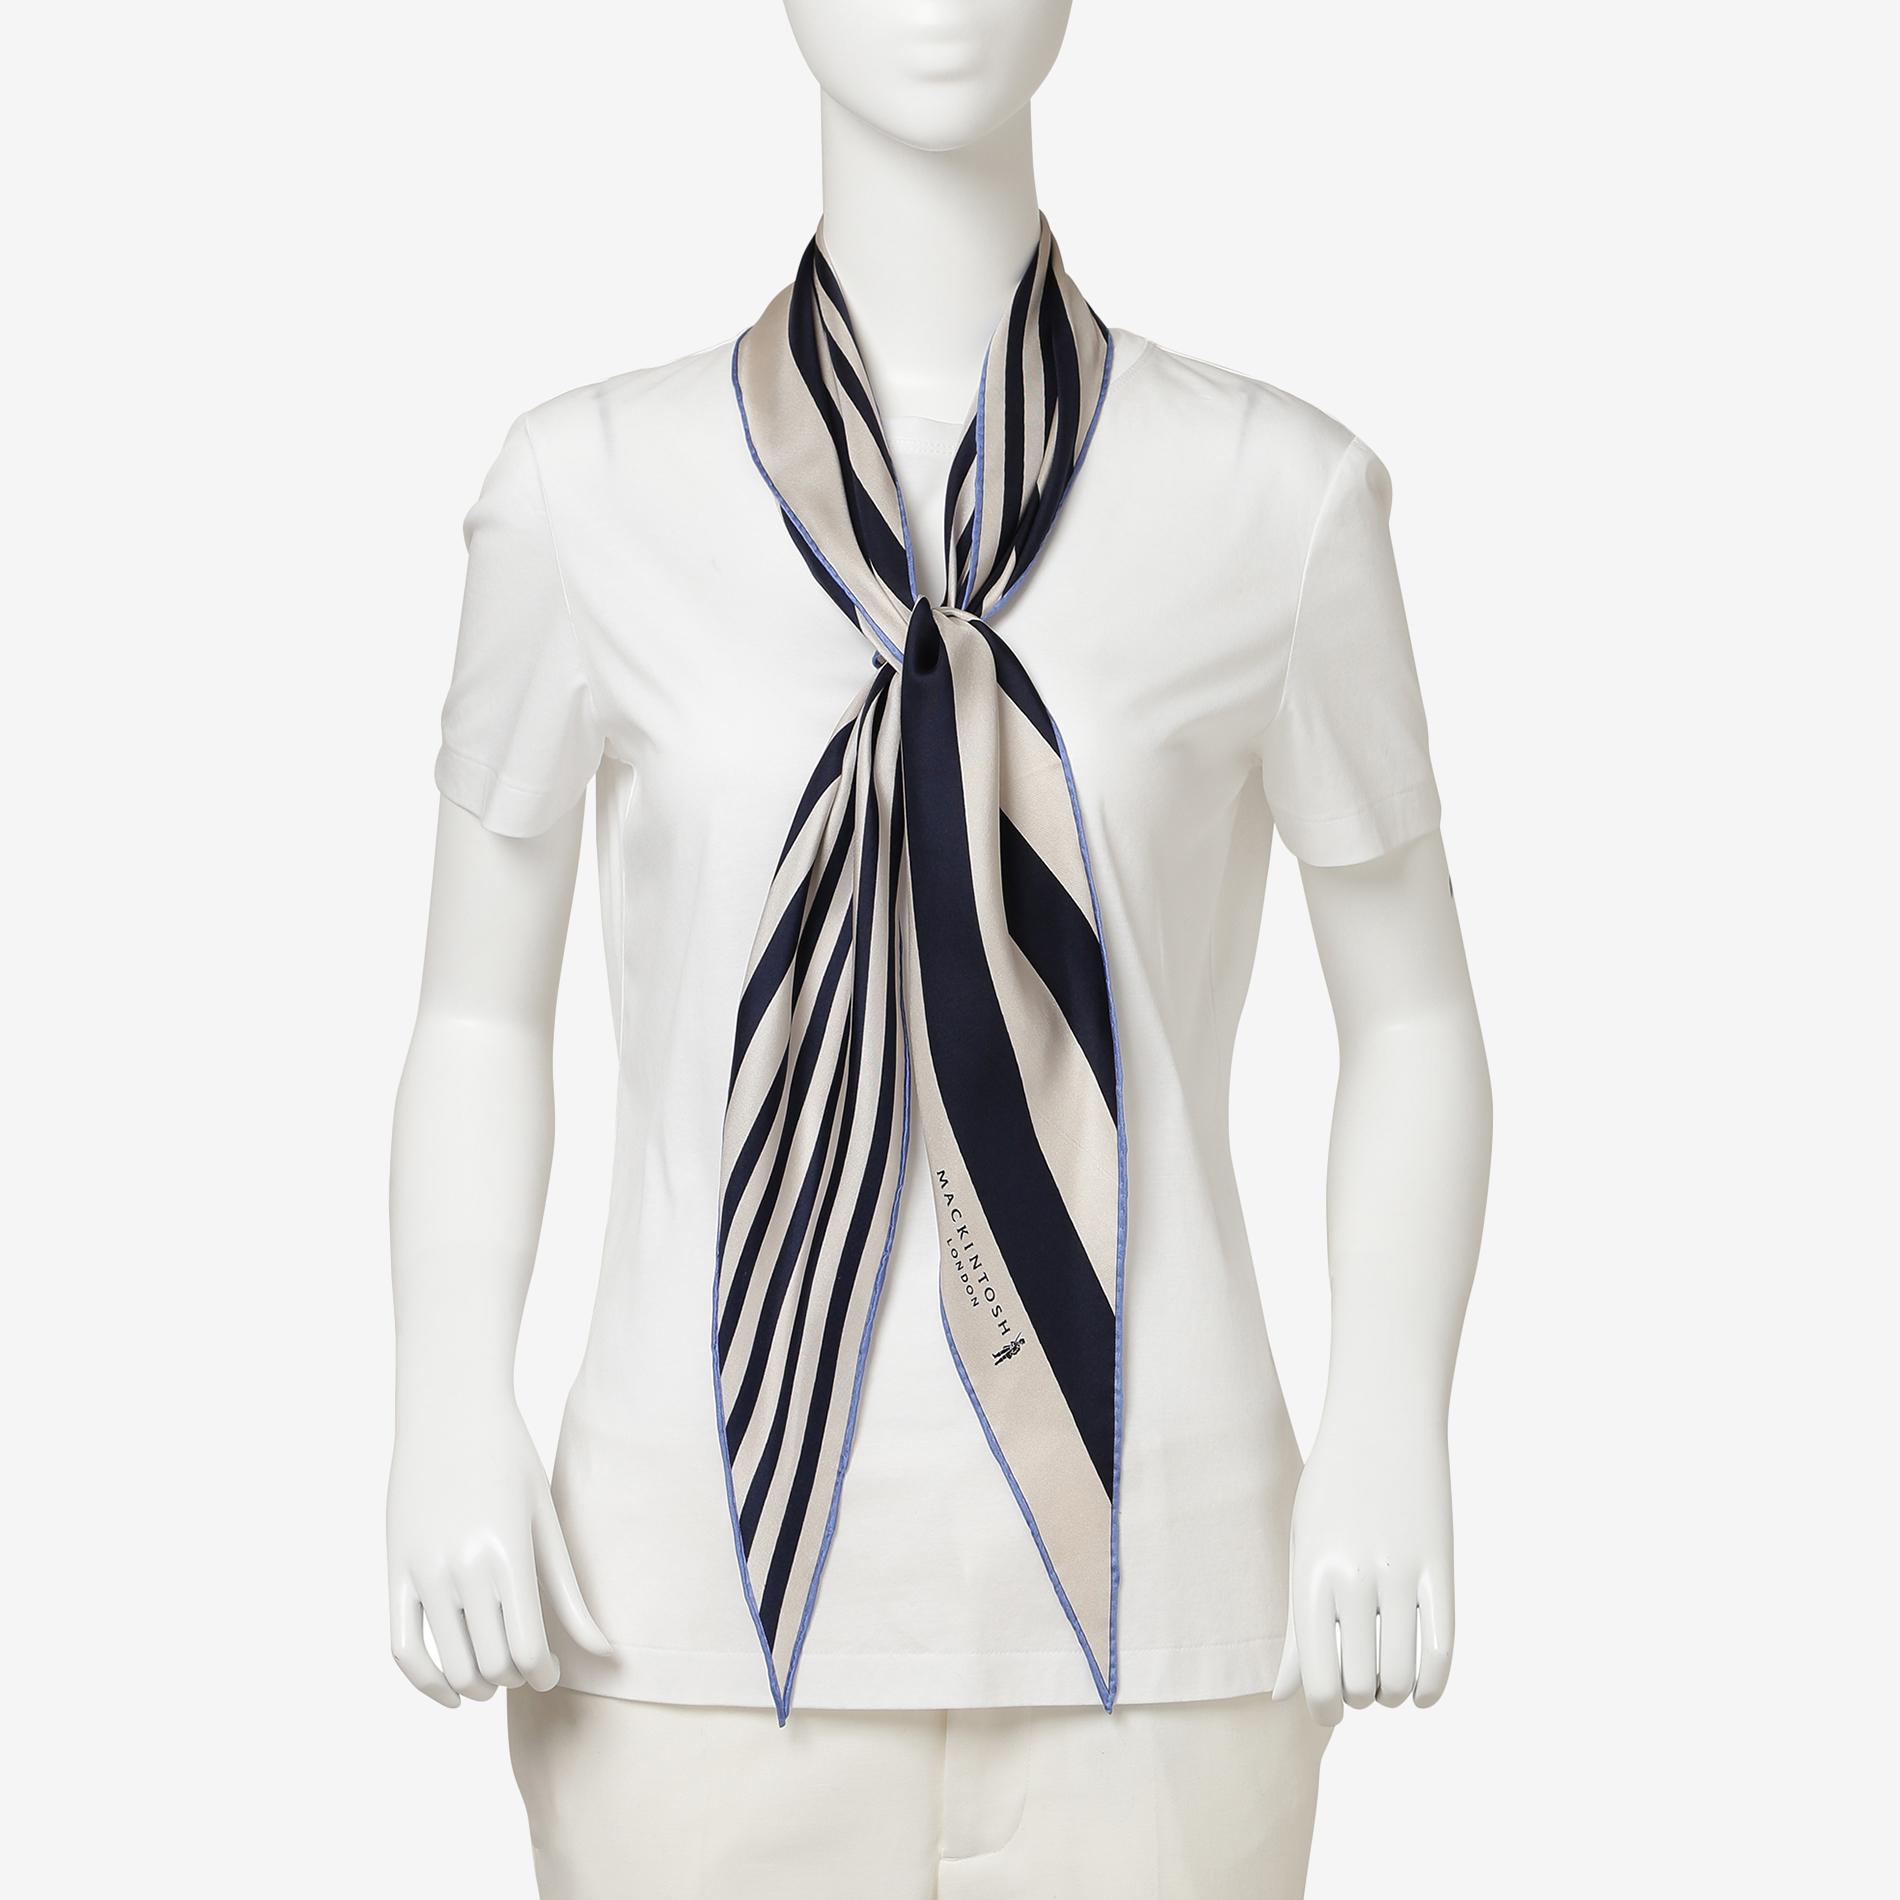 ストライプダイヤモンドシェイプスカーフ